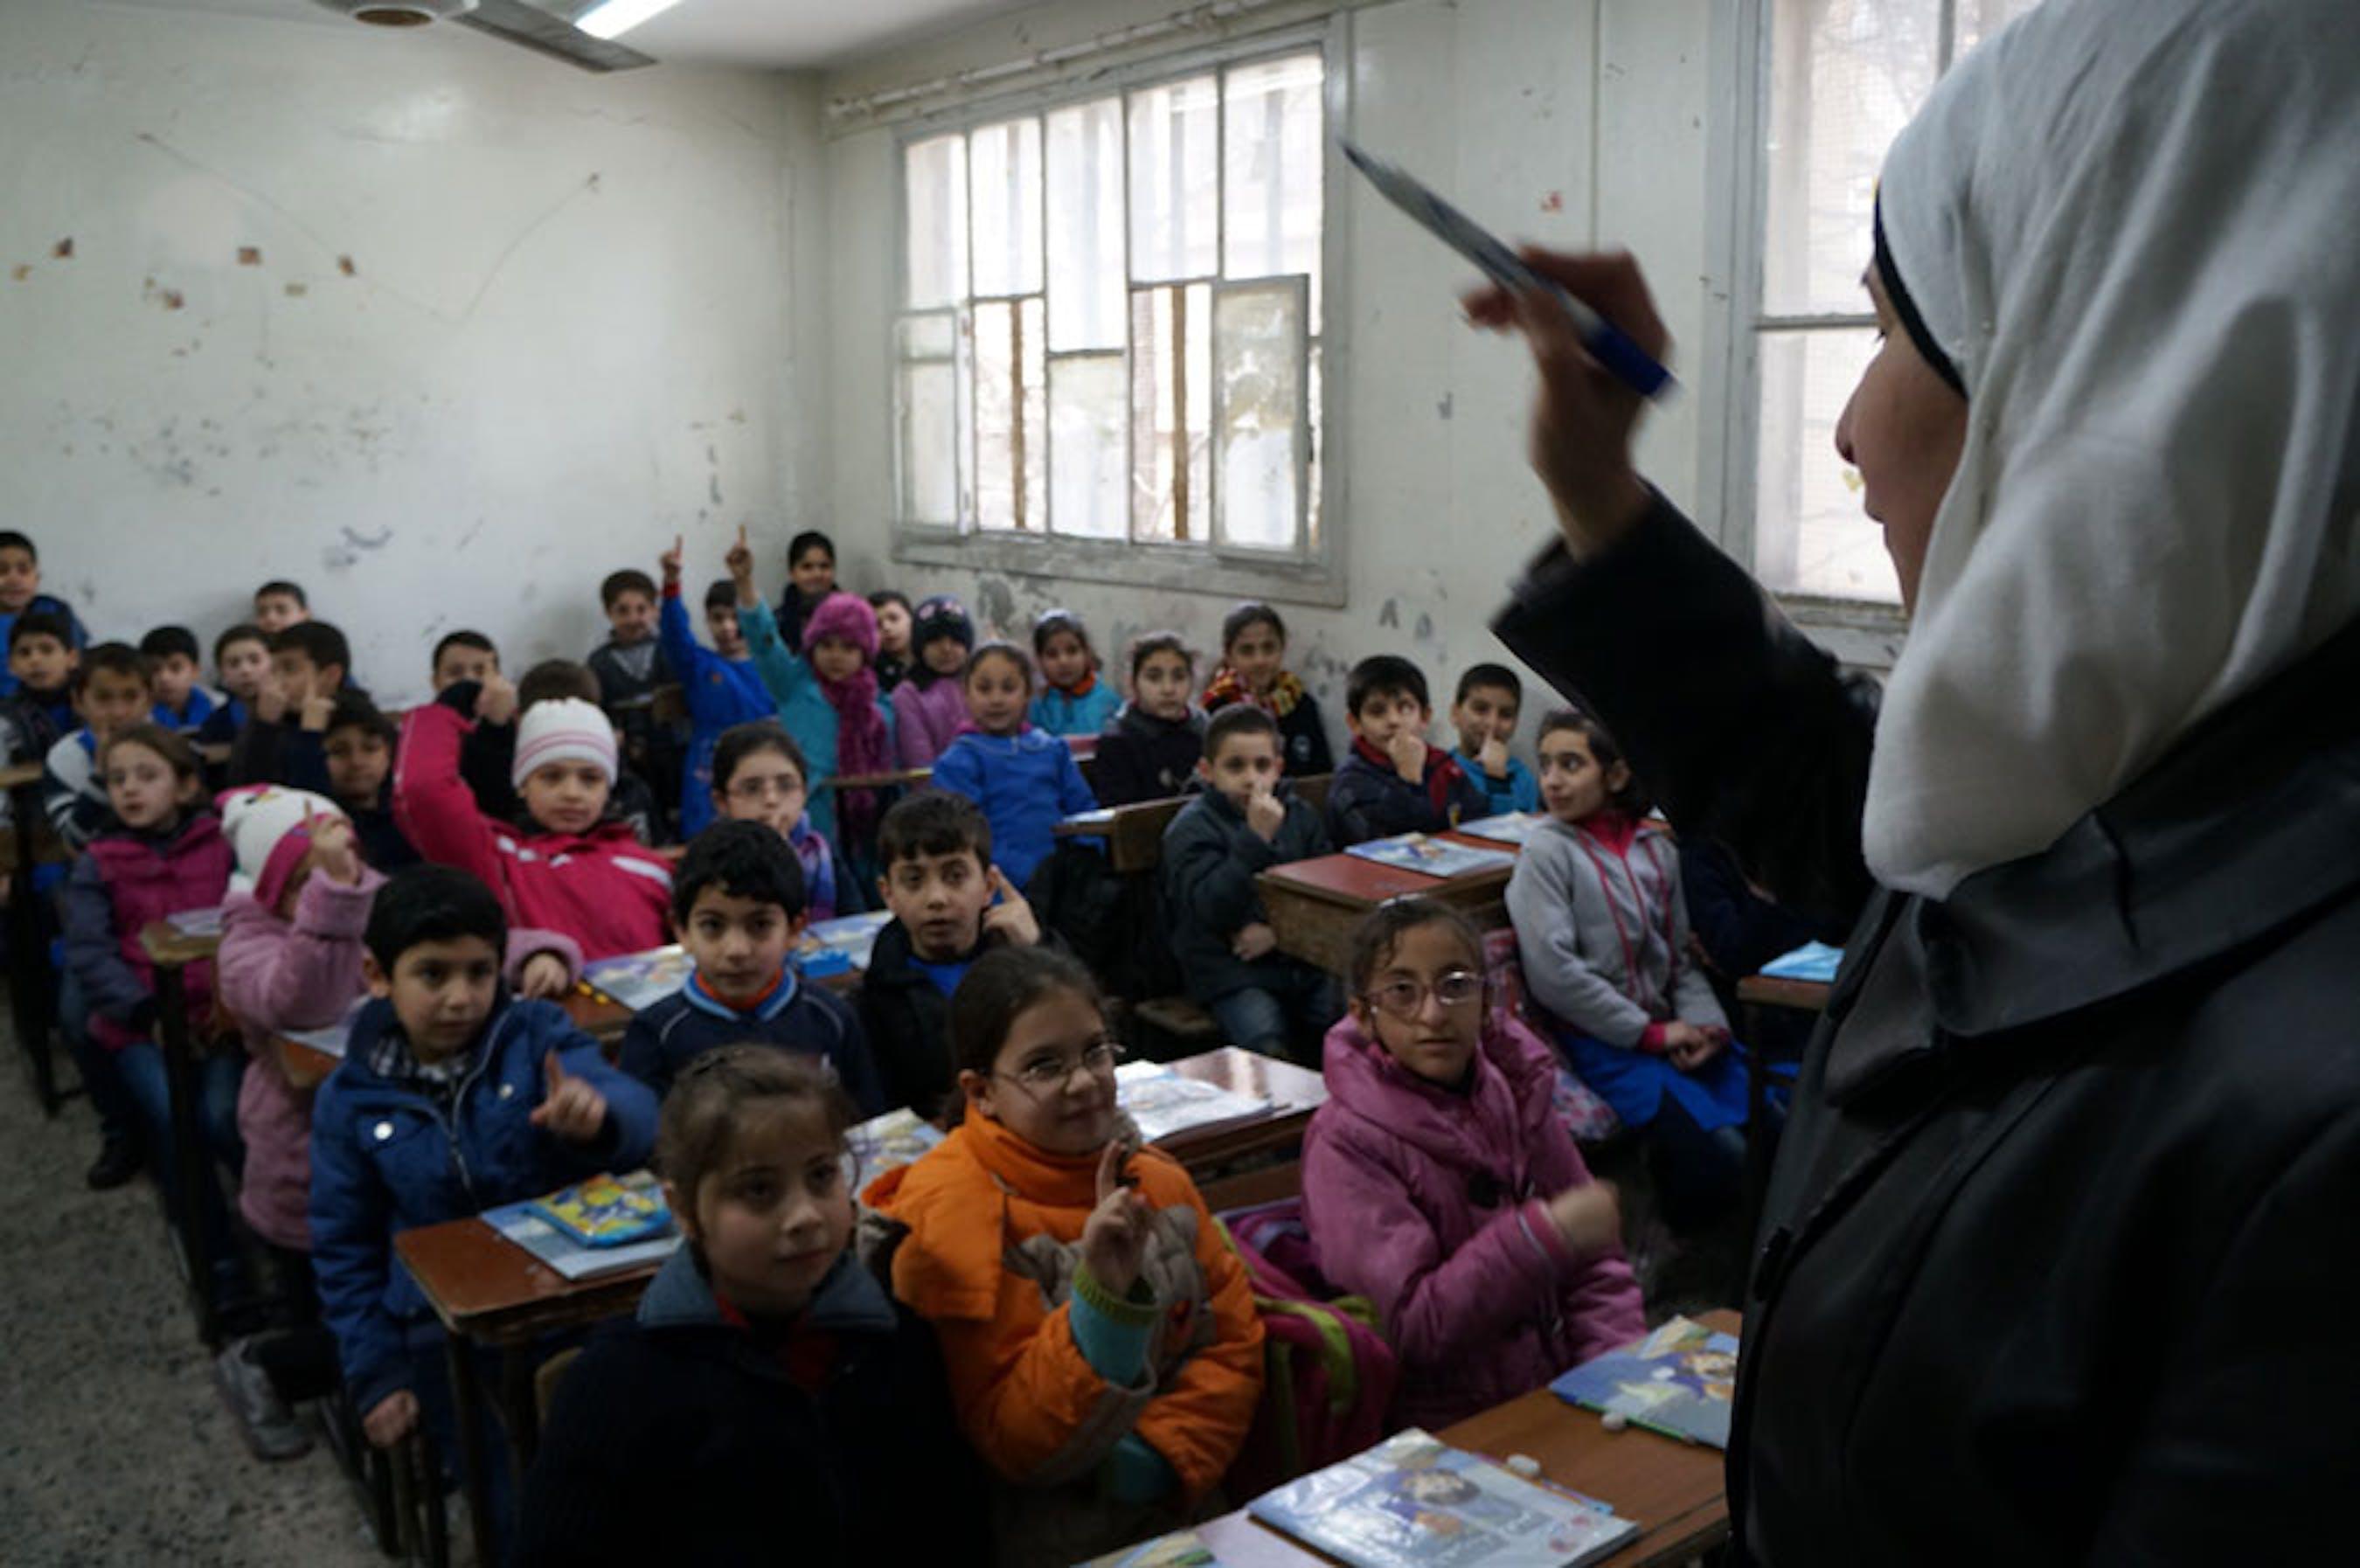 Lezione di lingua araba in una classe sovraffollata a Homs (Siria). La scuola ha ricevuto a febbraio scorte di materiali didattici dell'UNICEF - ©UNICEF Siria/2013/I.Morooka